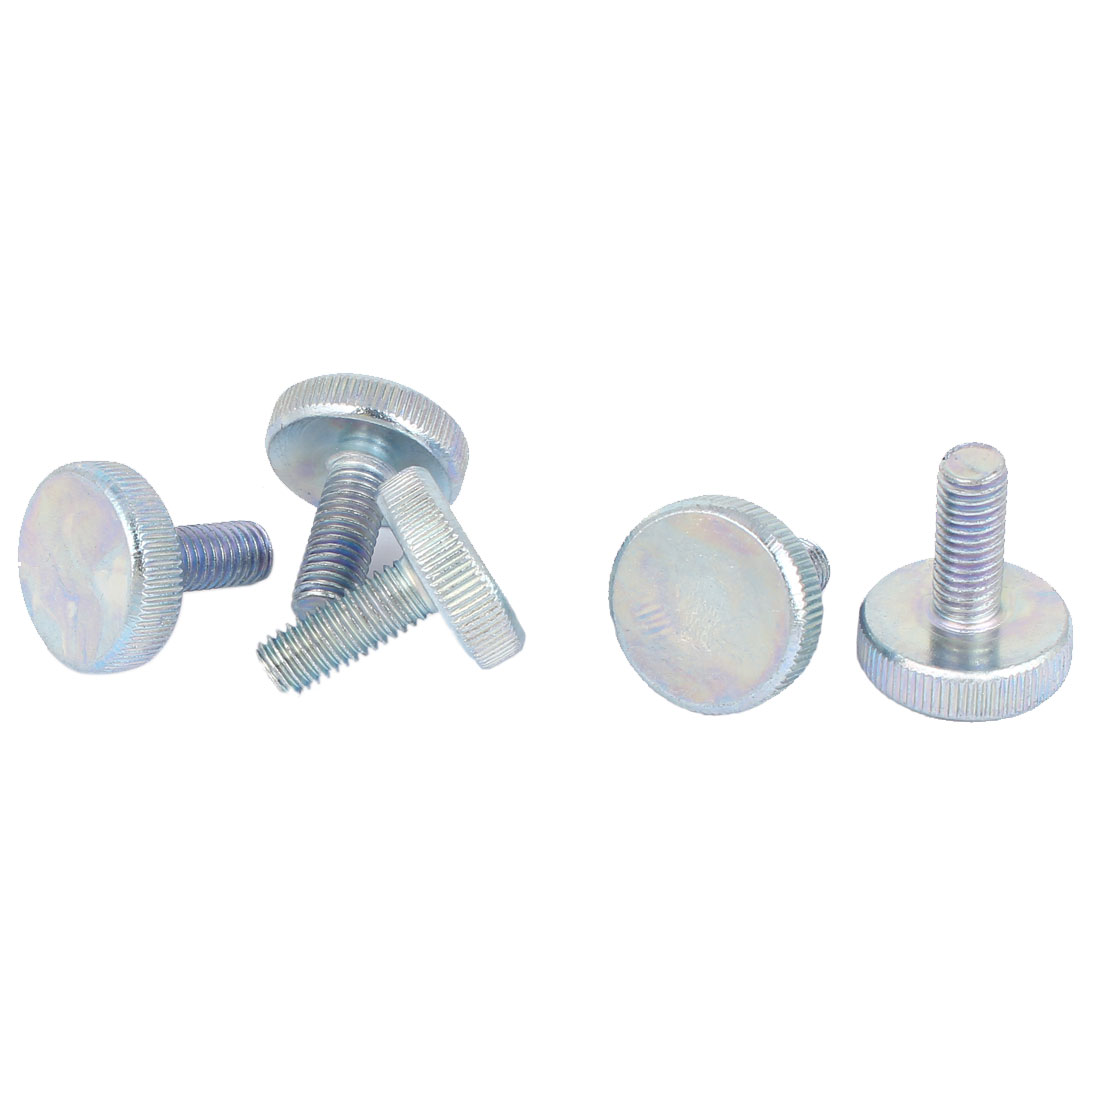 Carbon Steel Round Knurled Head Thumb Screw Silver Blue M8x20mm 5pcs